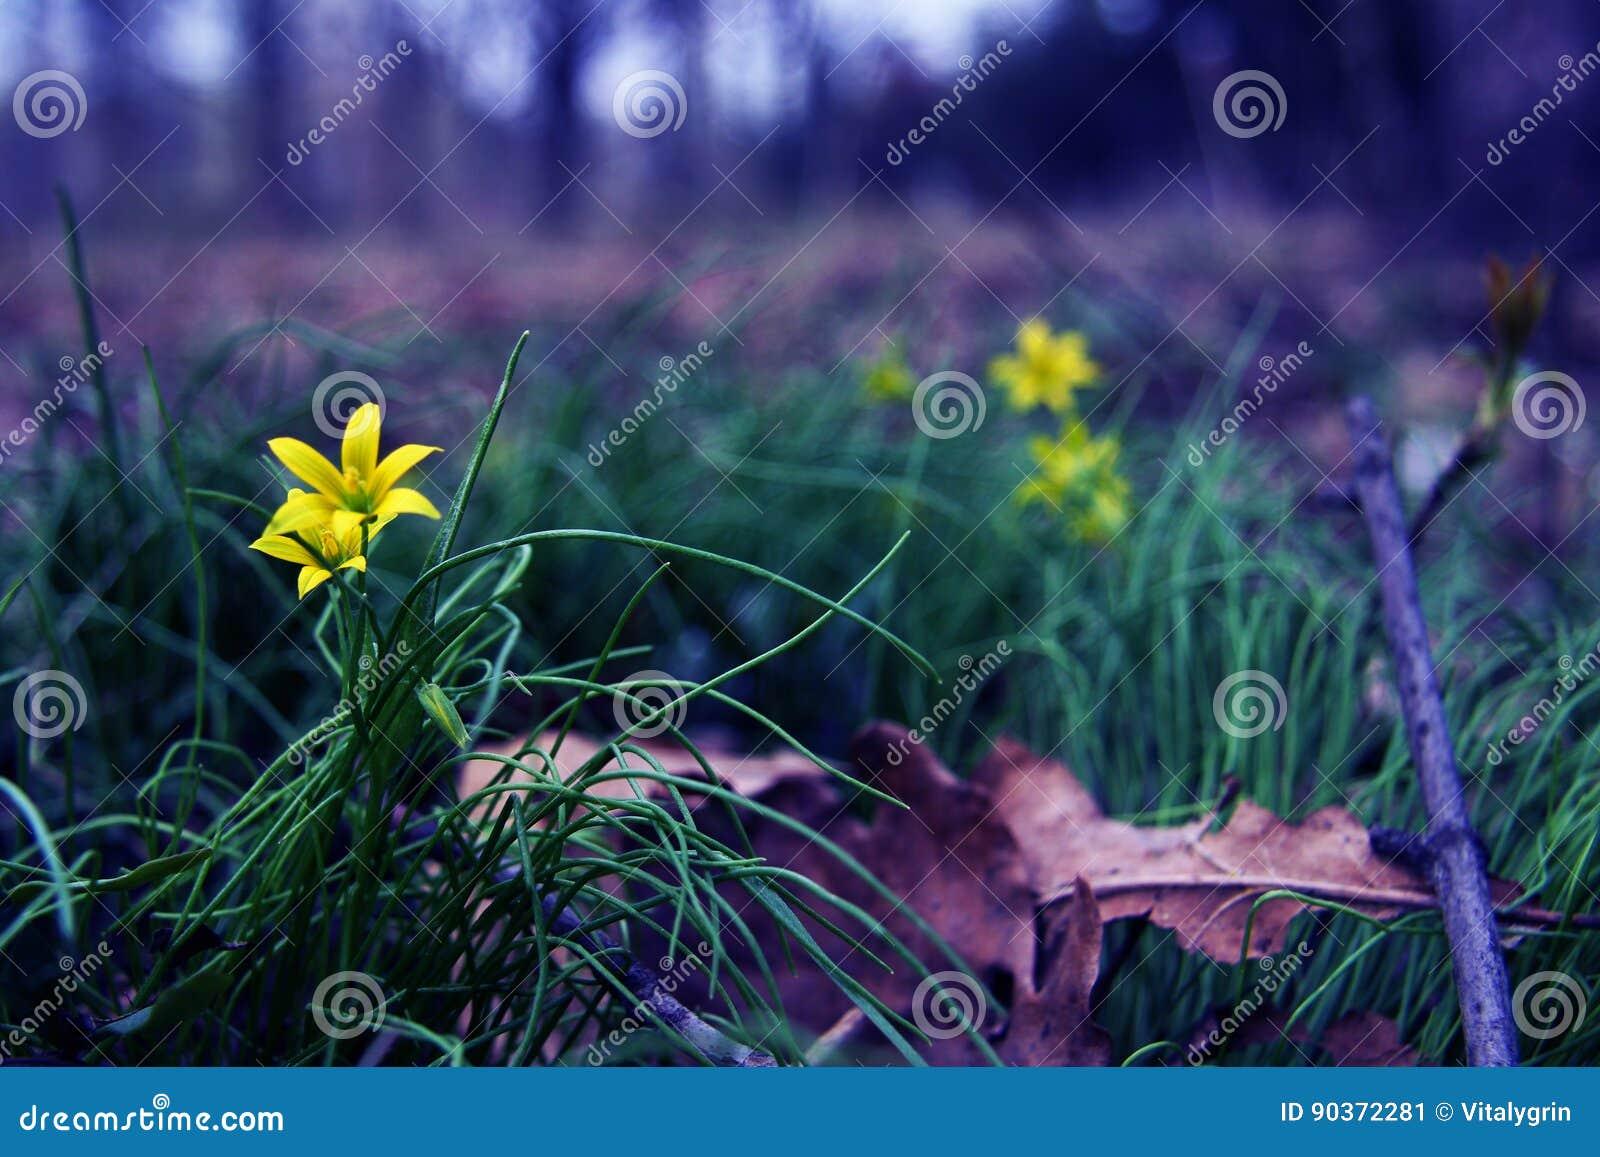 Belles fleurs jaunes parmi l herbe et les feuilles Nature et ressort Datcha, forêt ou parc